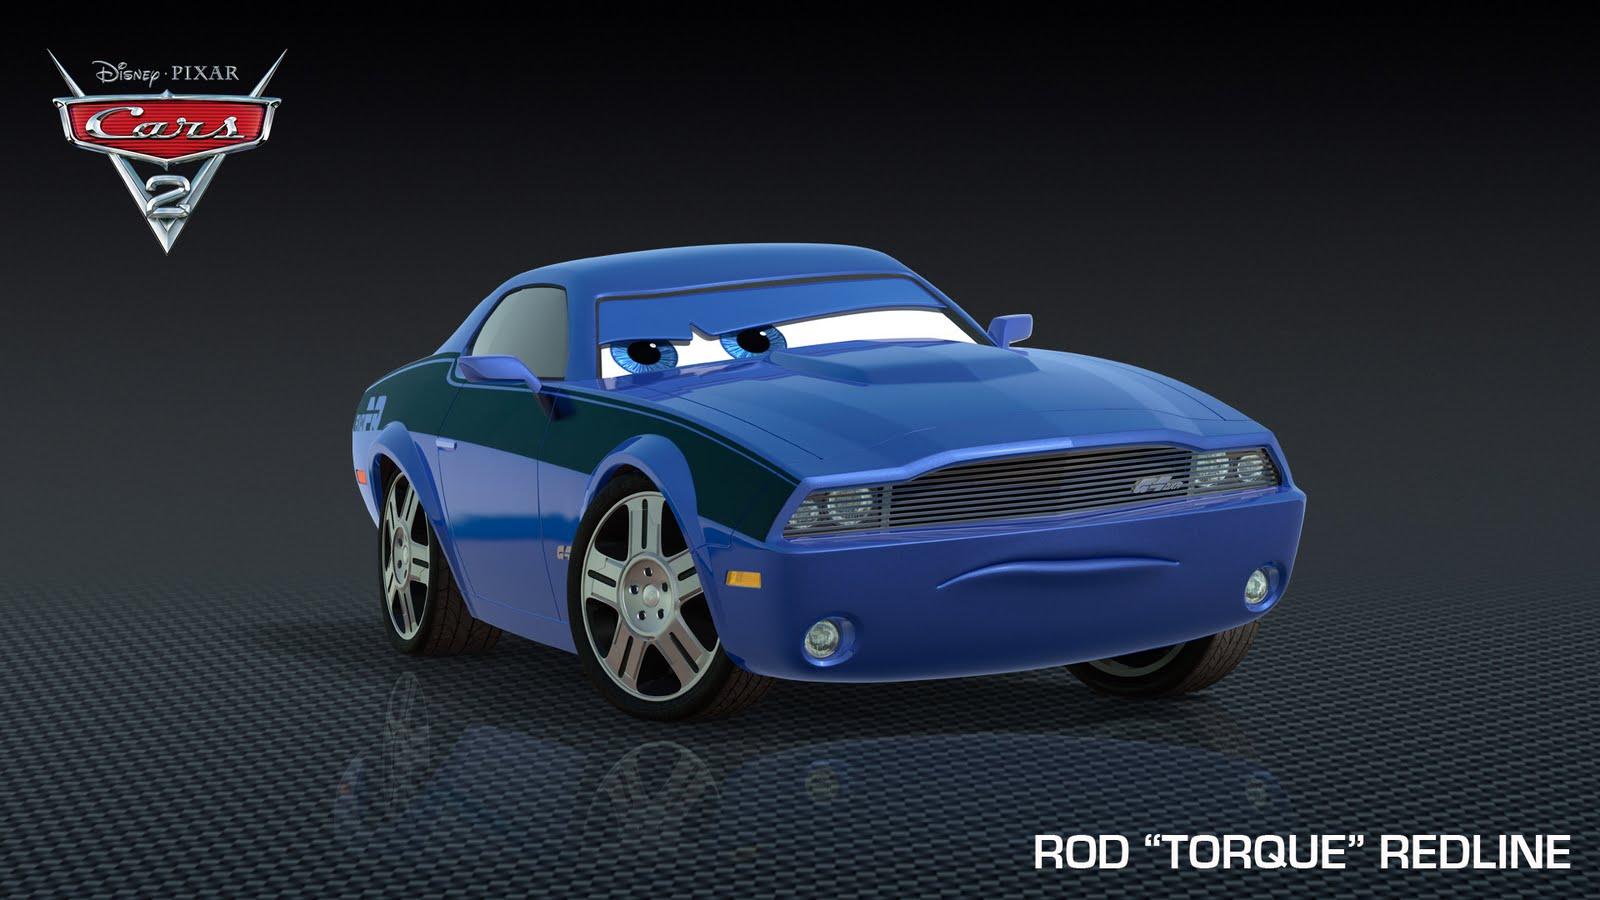 rod torque reline